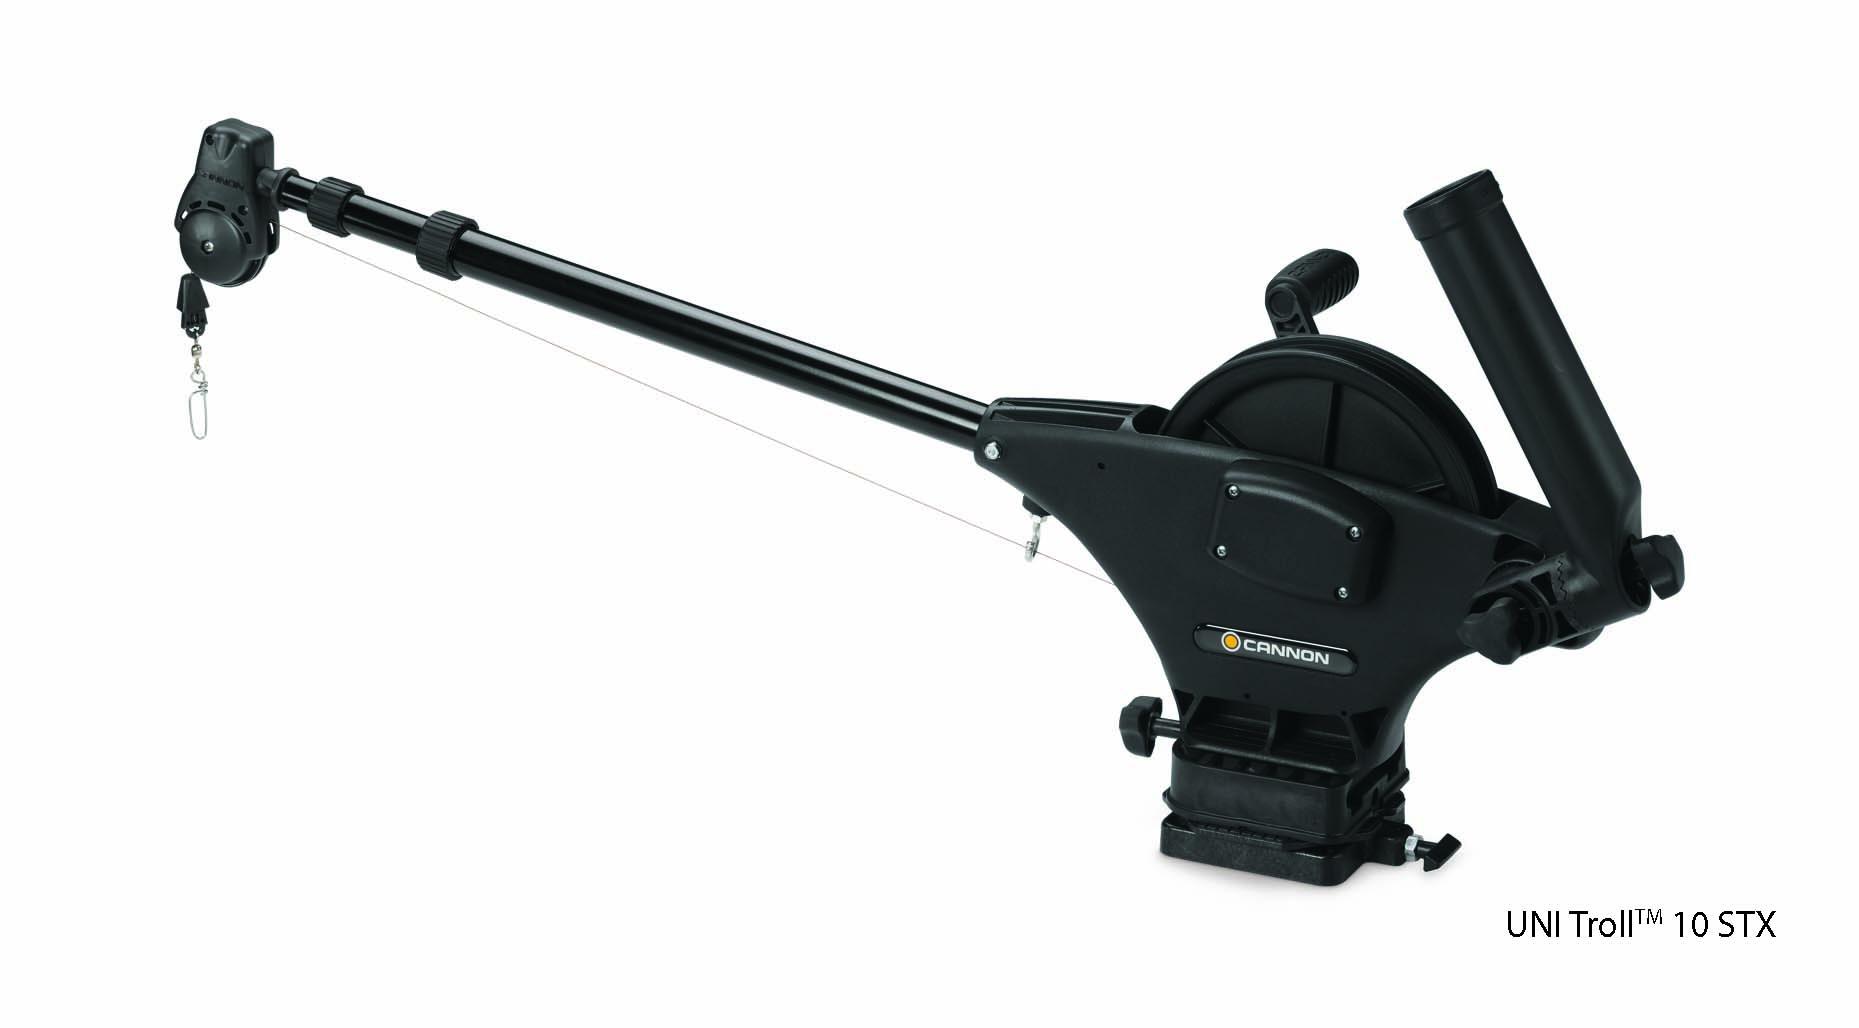 Cannon Downrigger Uni Troll 10 STX